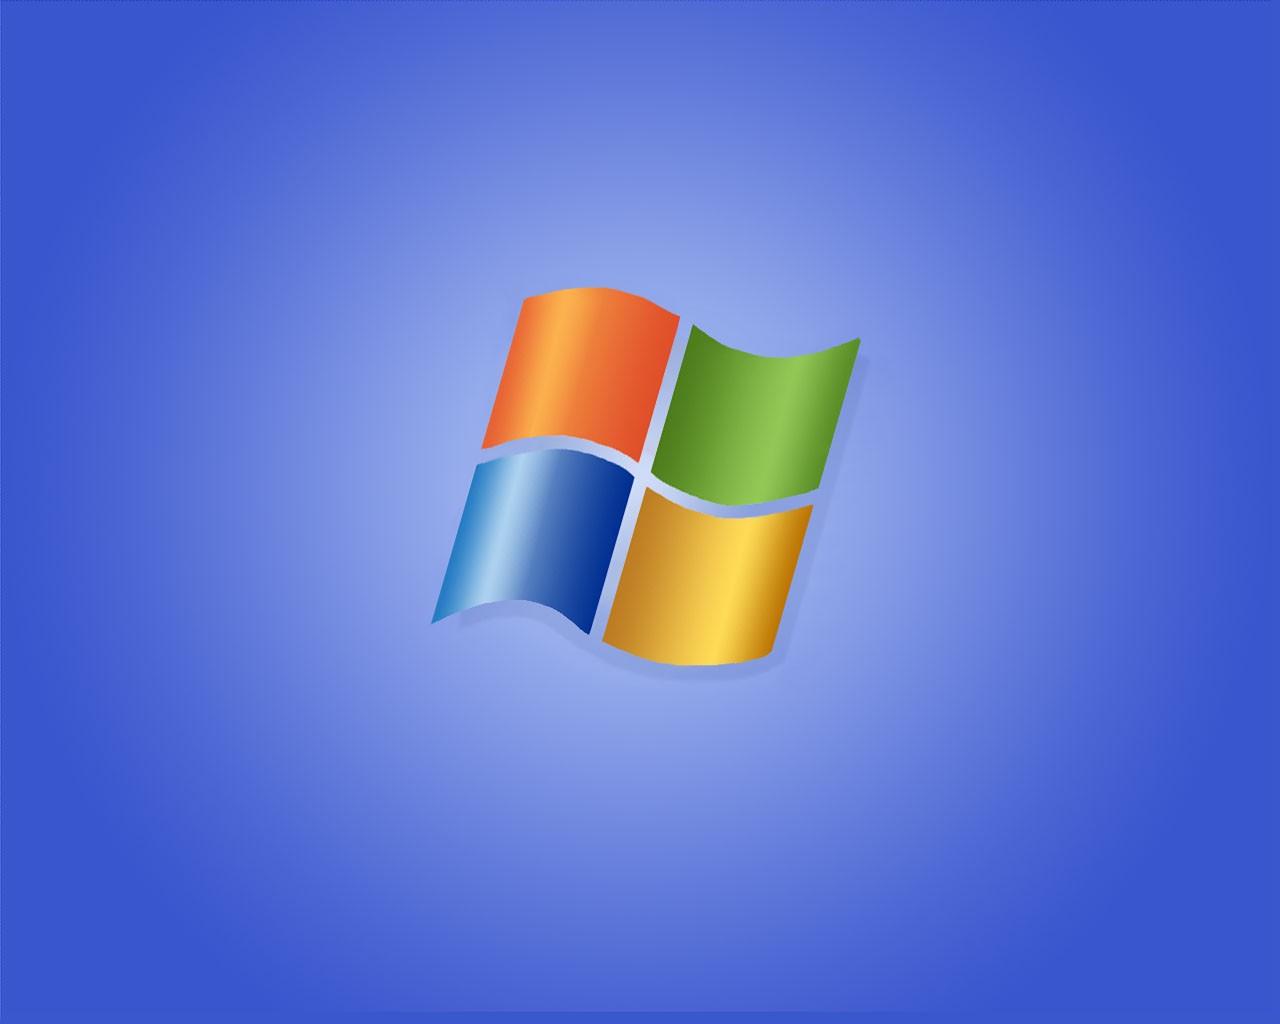 Обои для рабочего стола - Компьютеры   Desktop Wallpaper - Computers